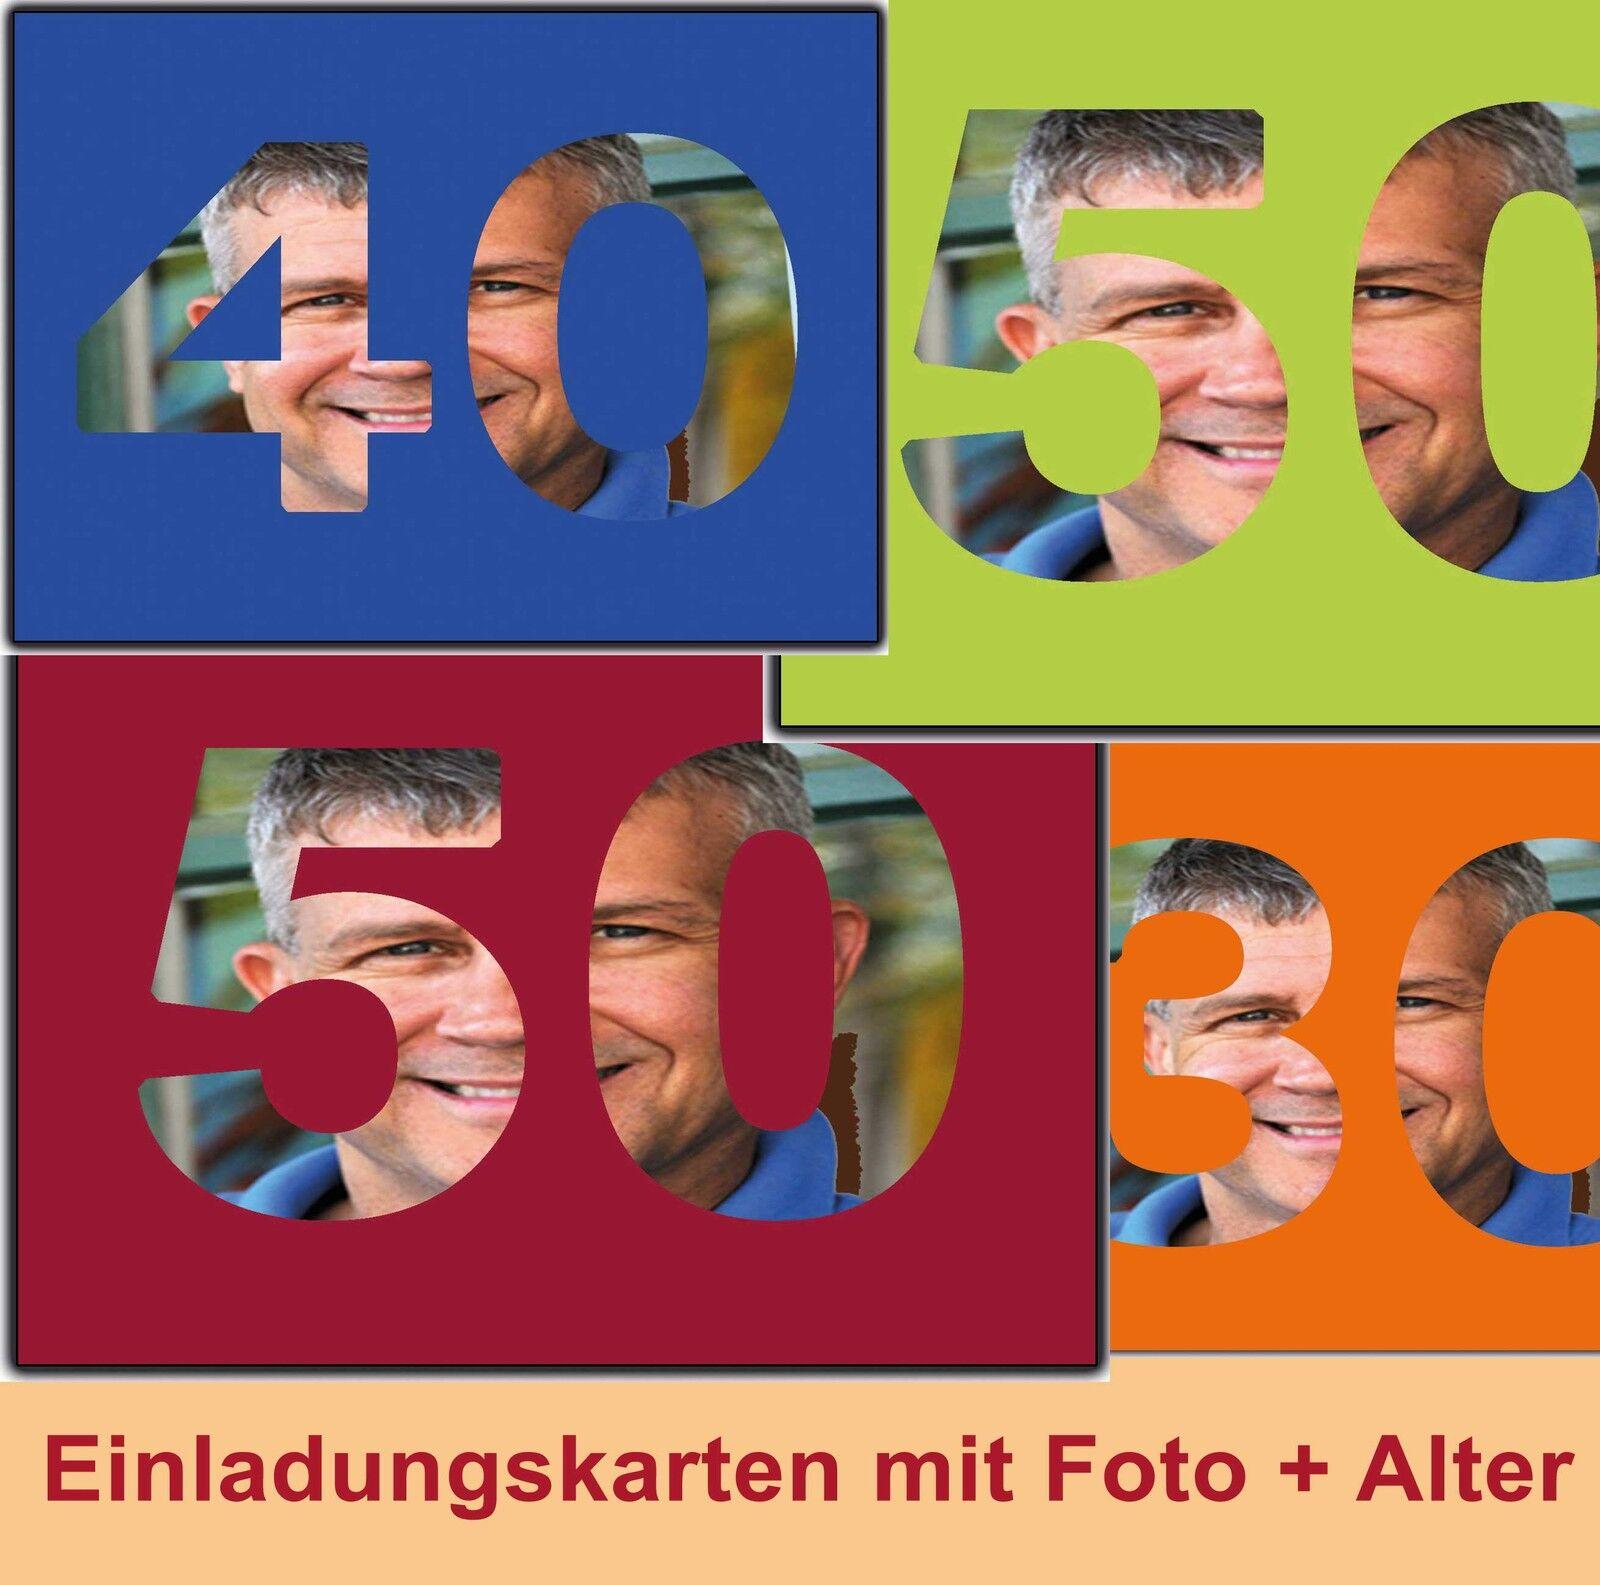 Einladungskarten zum Geburtstag  Ihrem Alter mit Foto 18 30 40 50 60 Einladung | Neues Produkt  | Niedriger Preis und gute Qualität